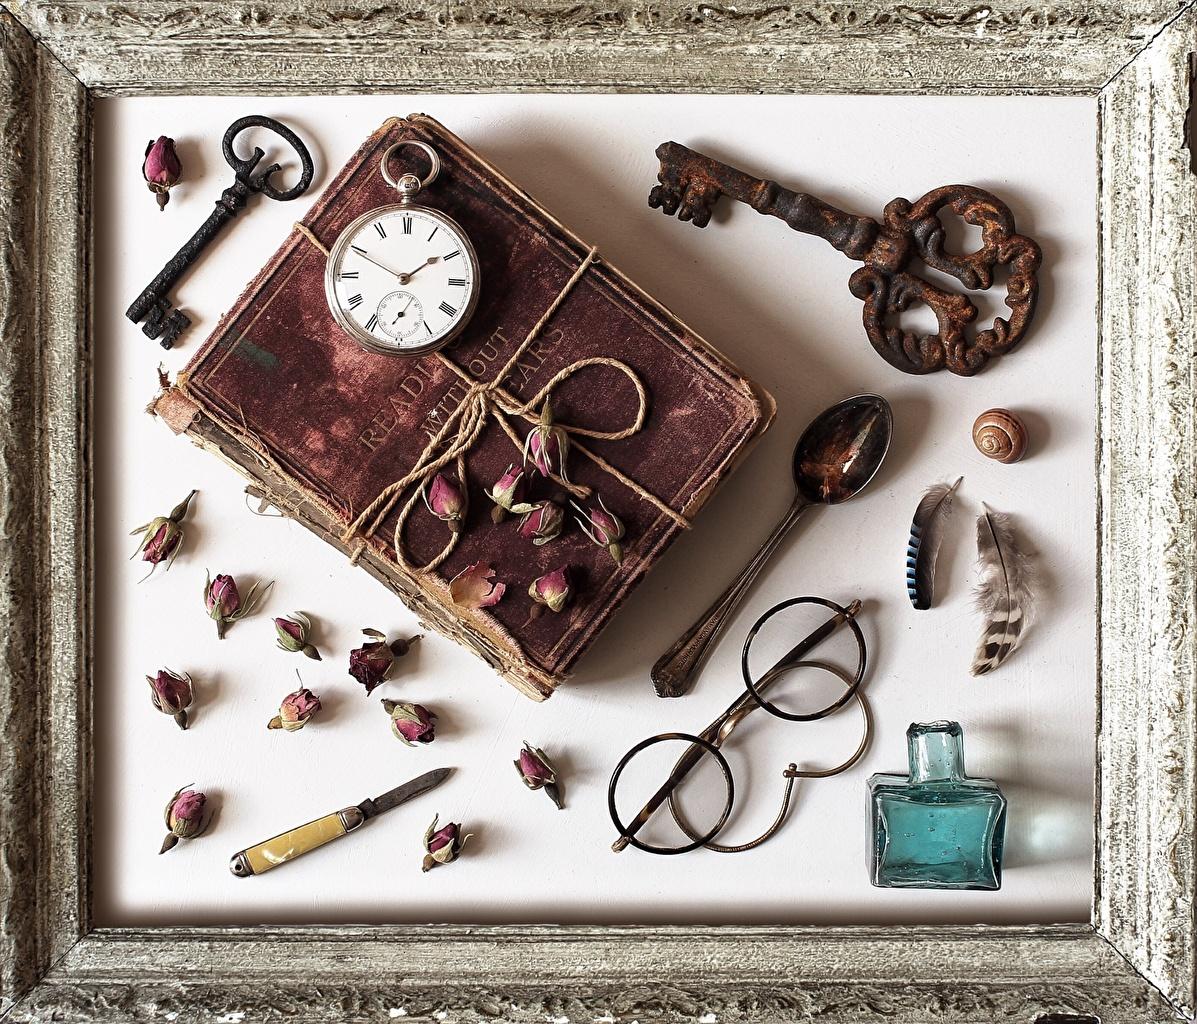 壁紙 時計 懐中時計 レトロ 本 鍵 眼鏡 スプーン ダウンロード